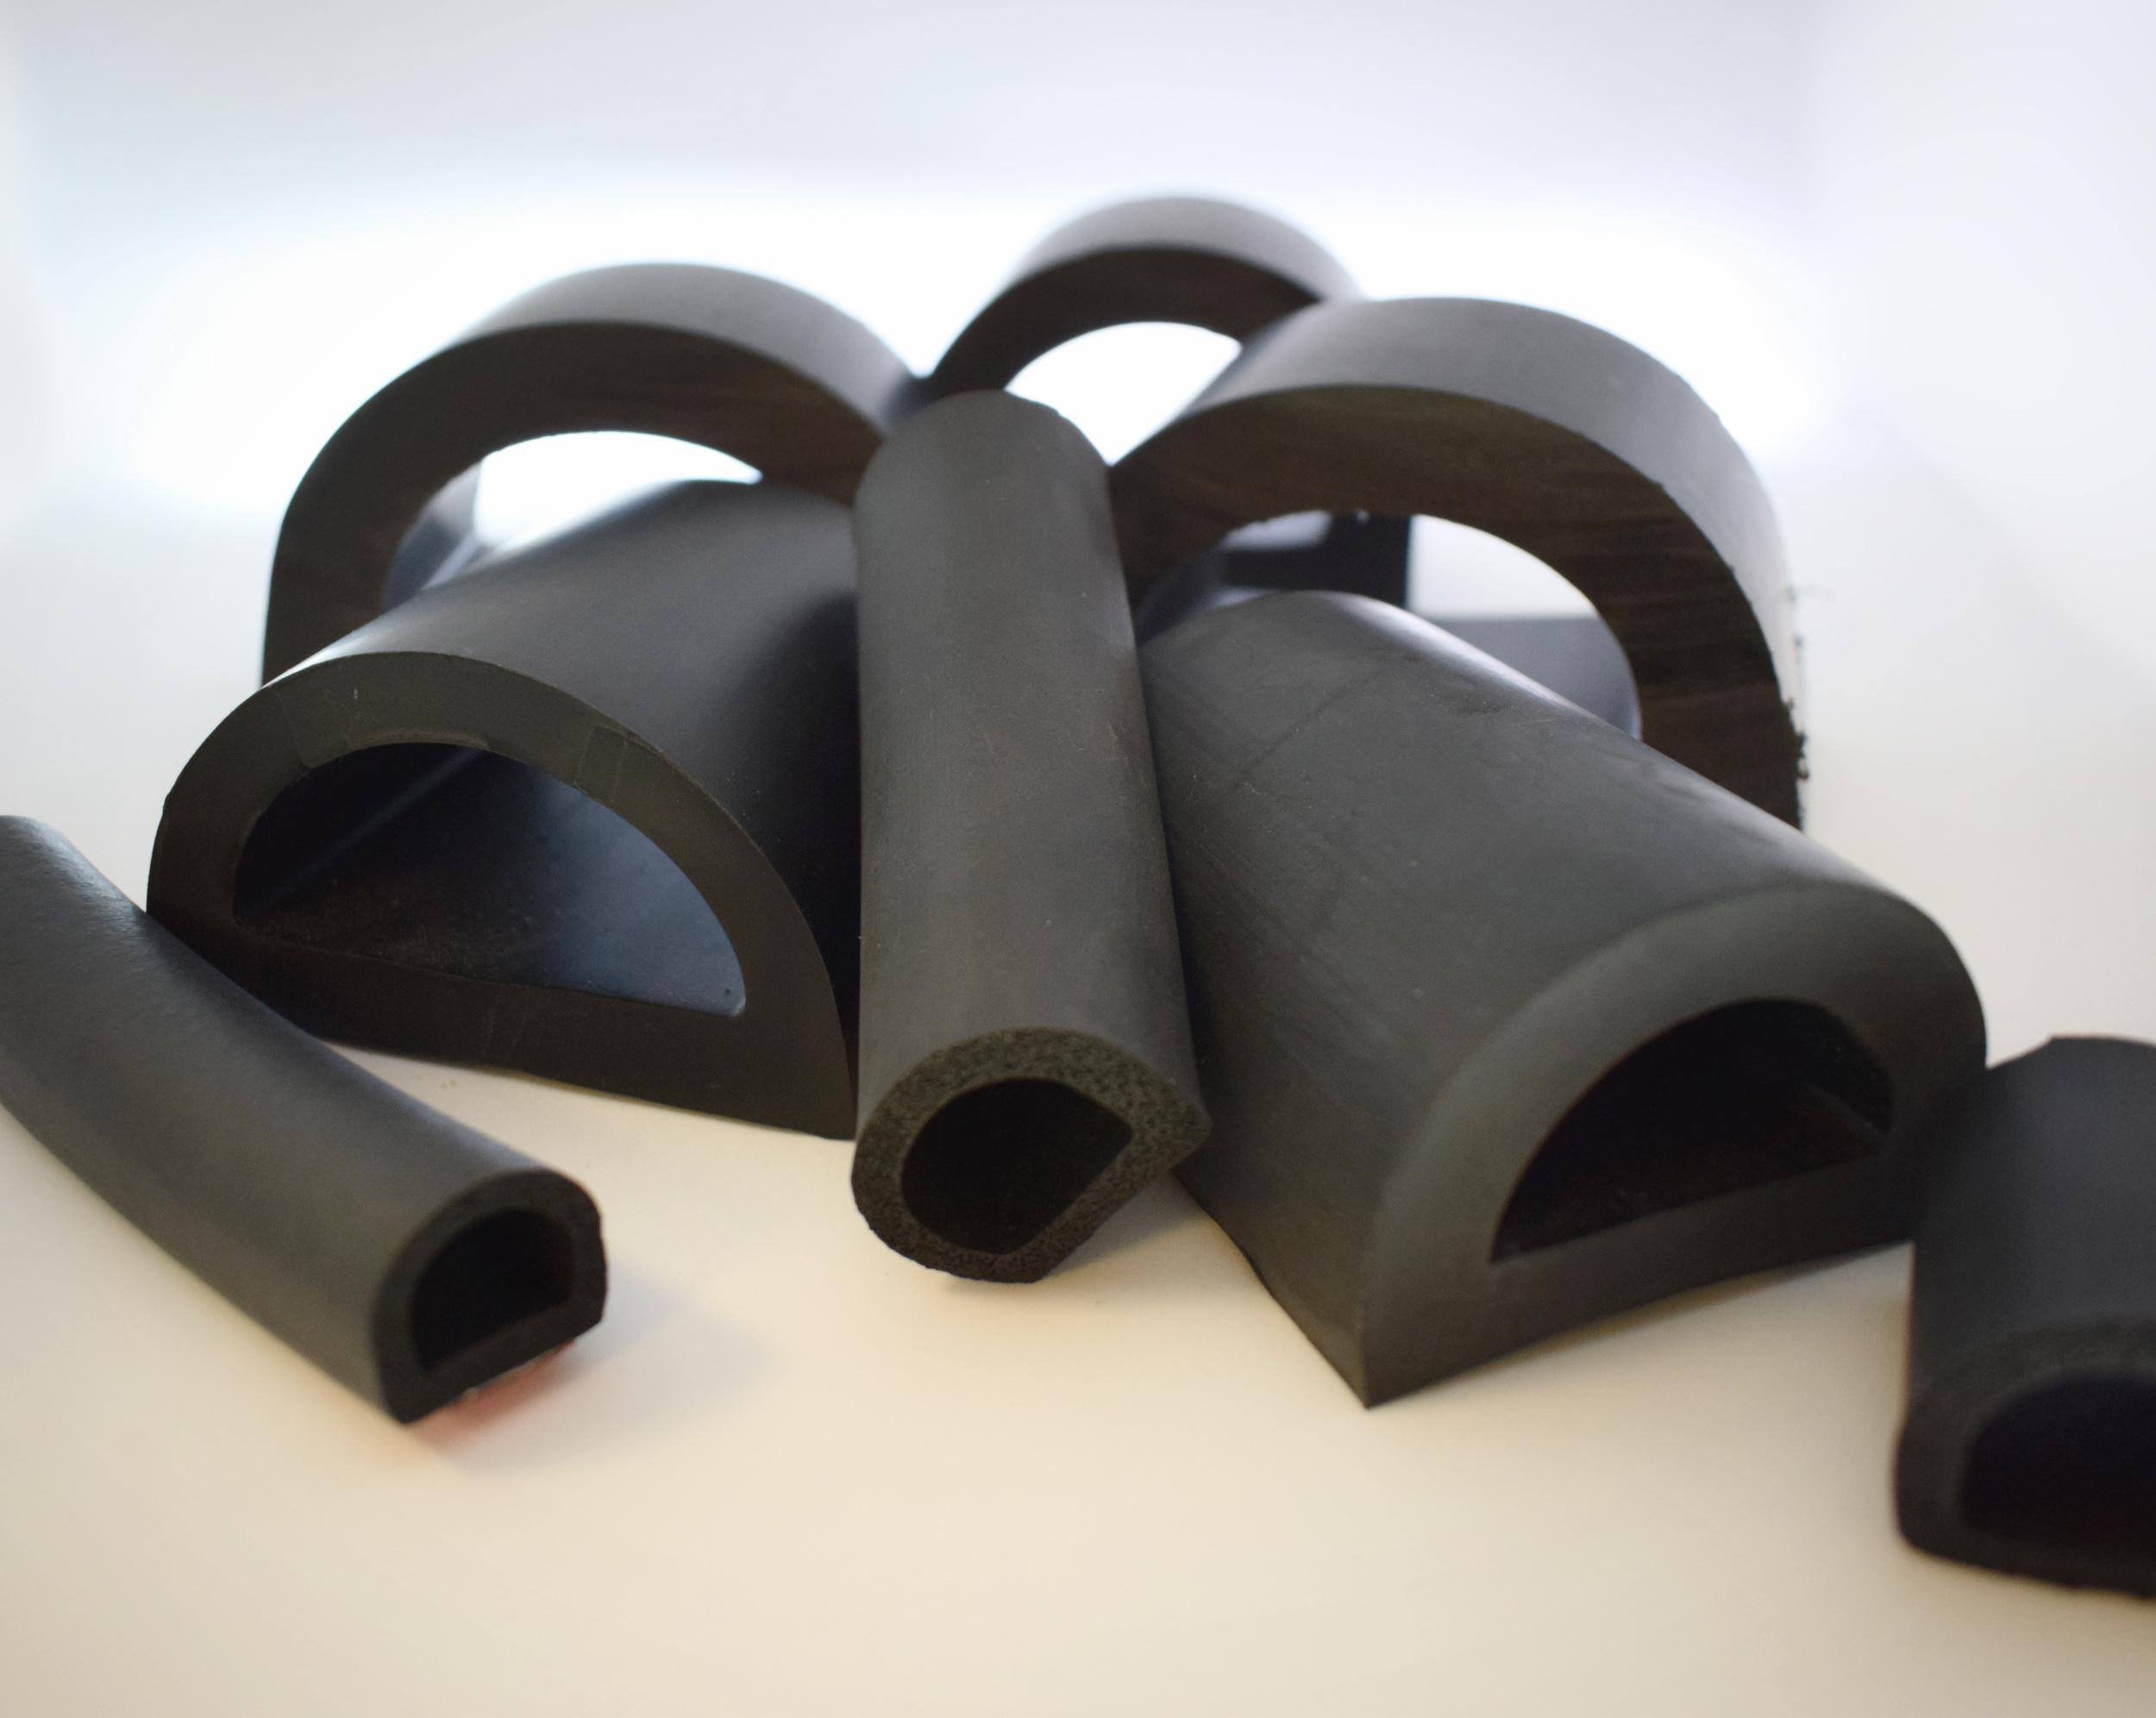 fender shapes